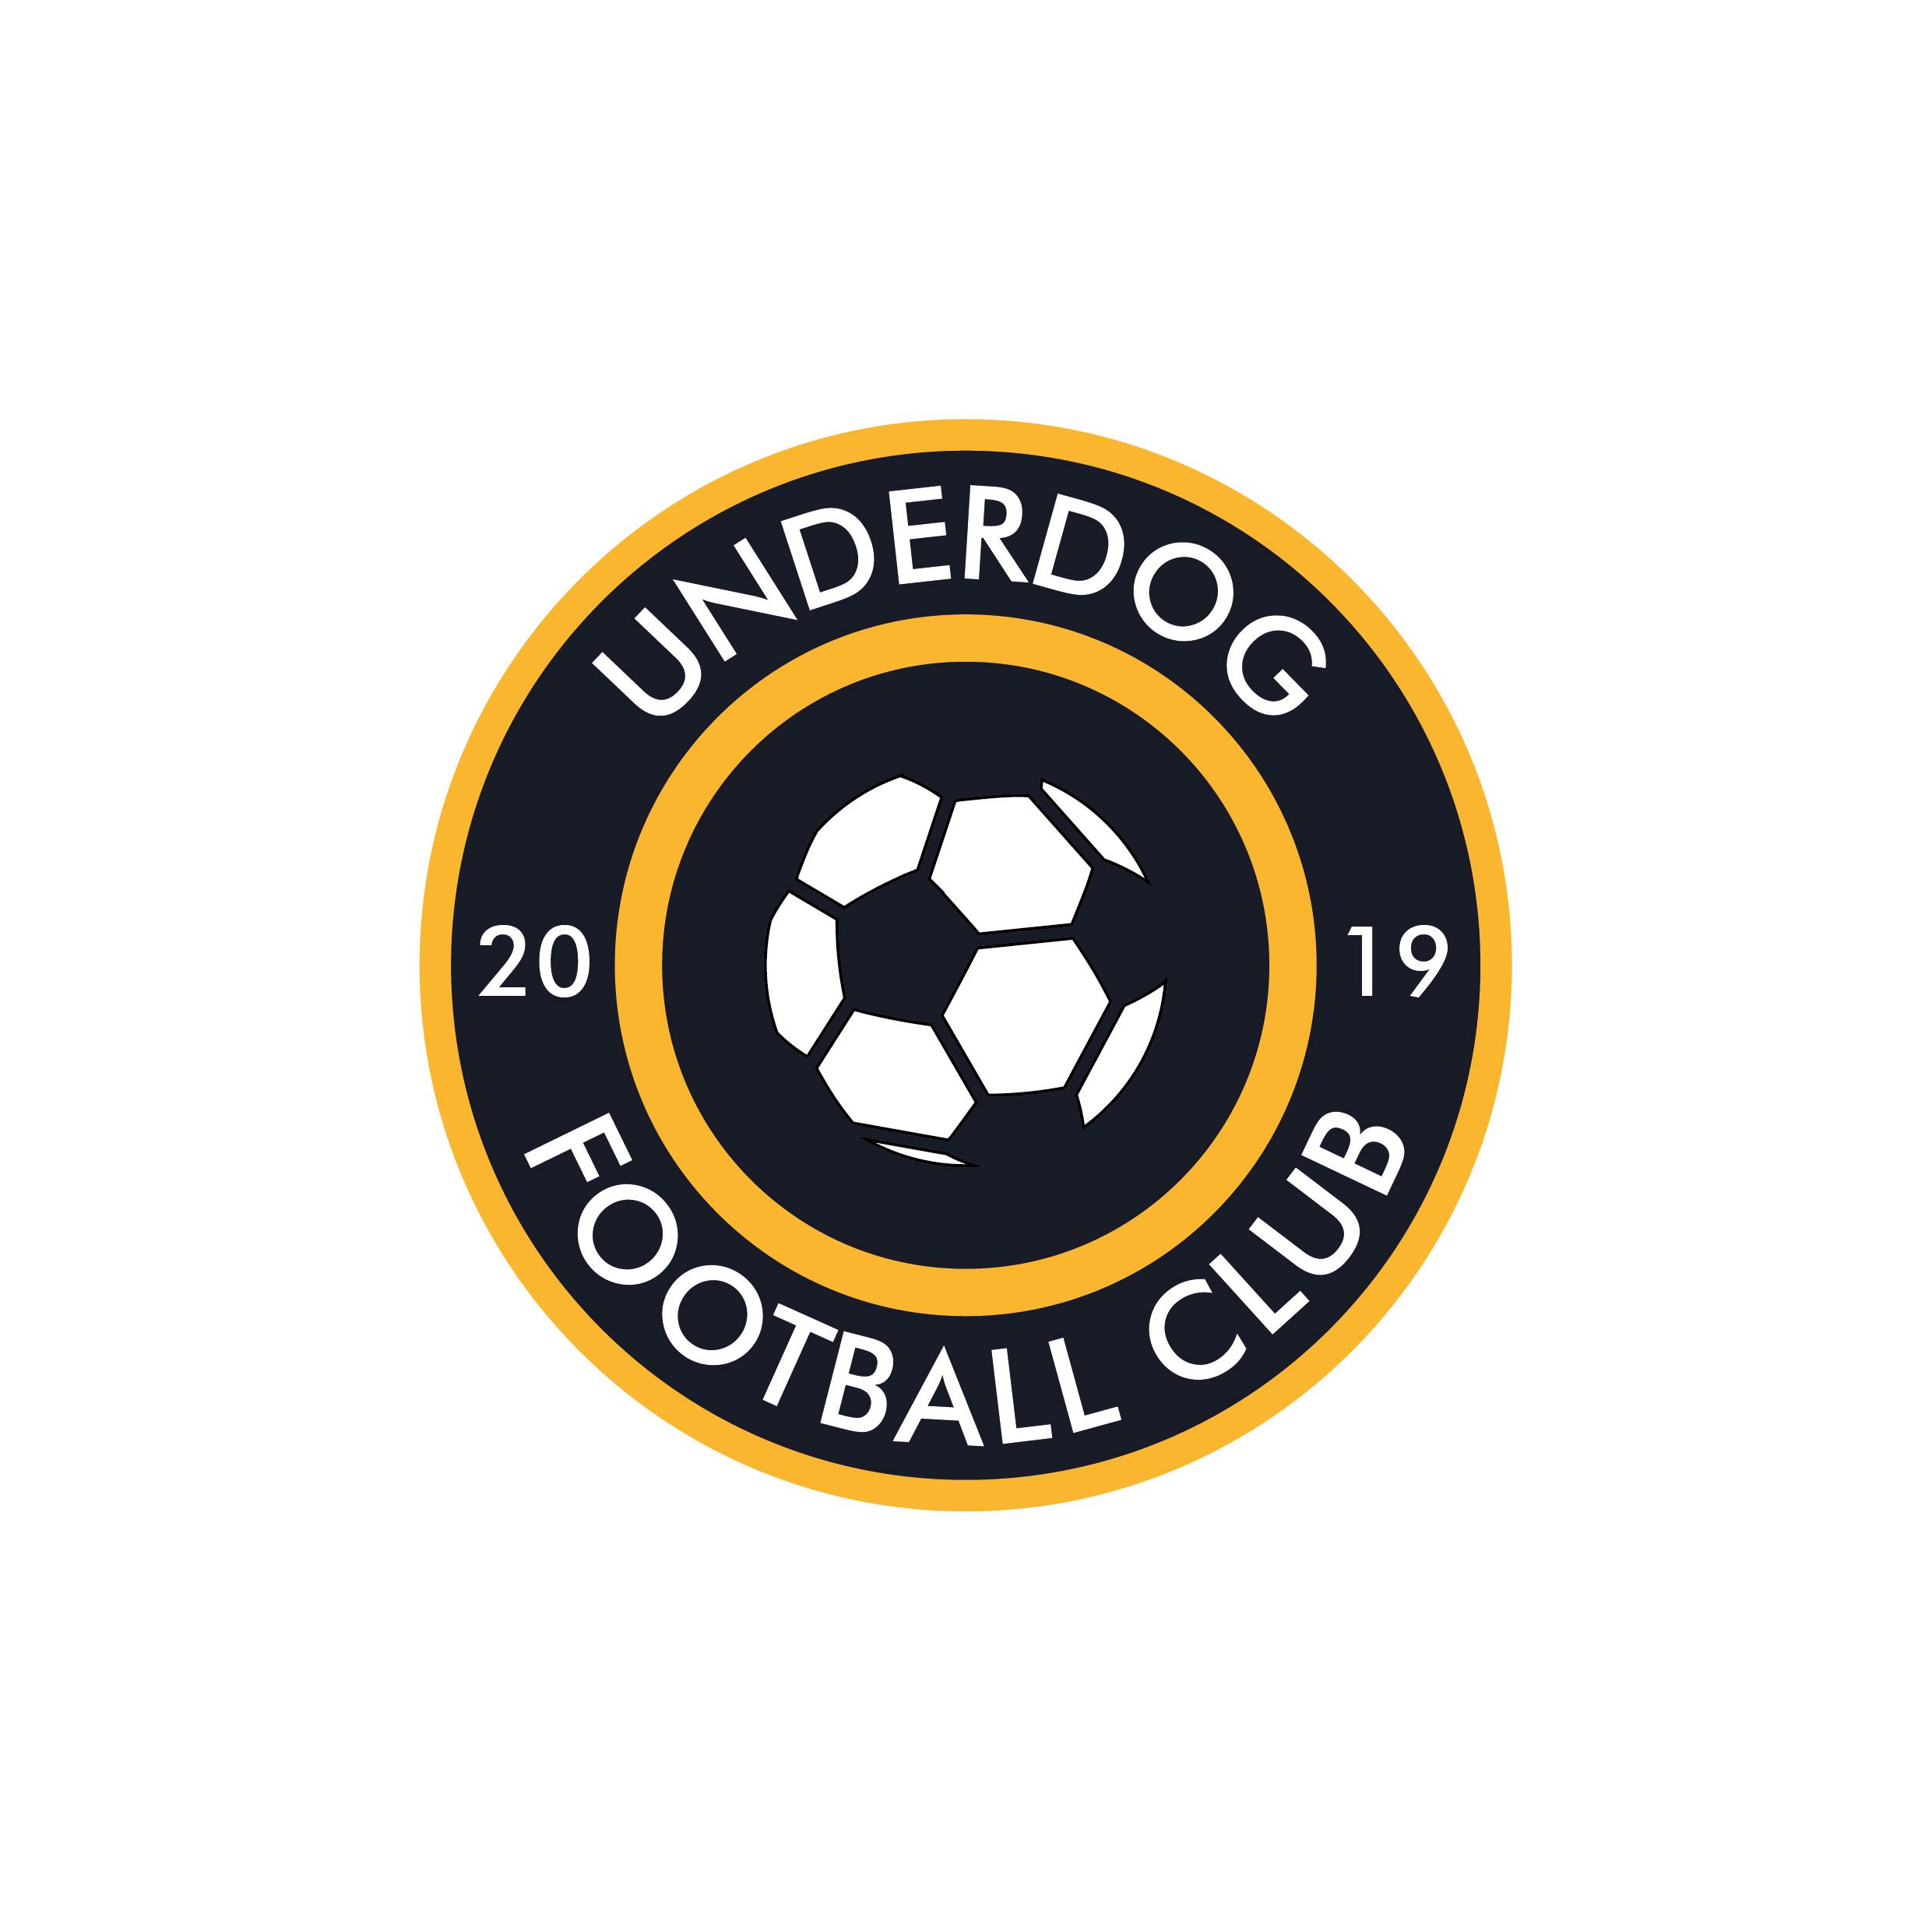 Футбольный клуб UNDERDOG - разработать фирстиль и бренд-бук фото f_1945cb1e3326c82e.jpg